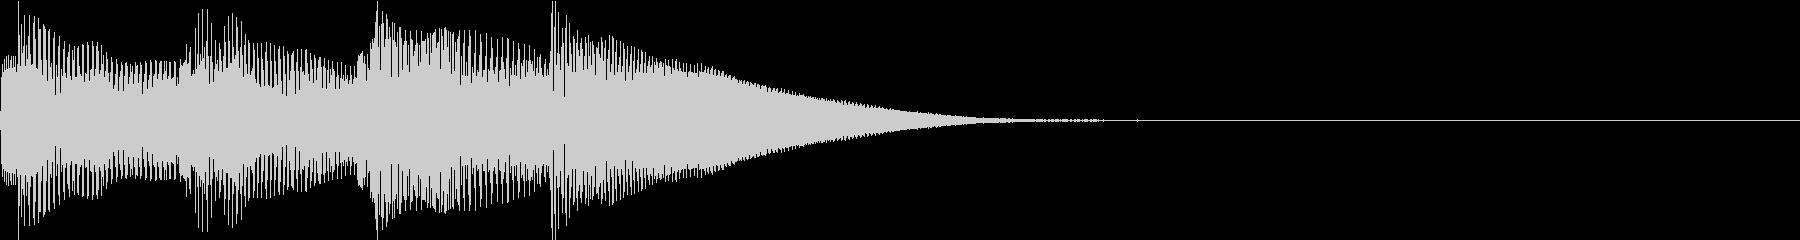 動画に使えそうなシンプルテロップ音の未再生の波形